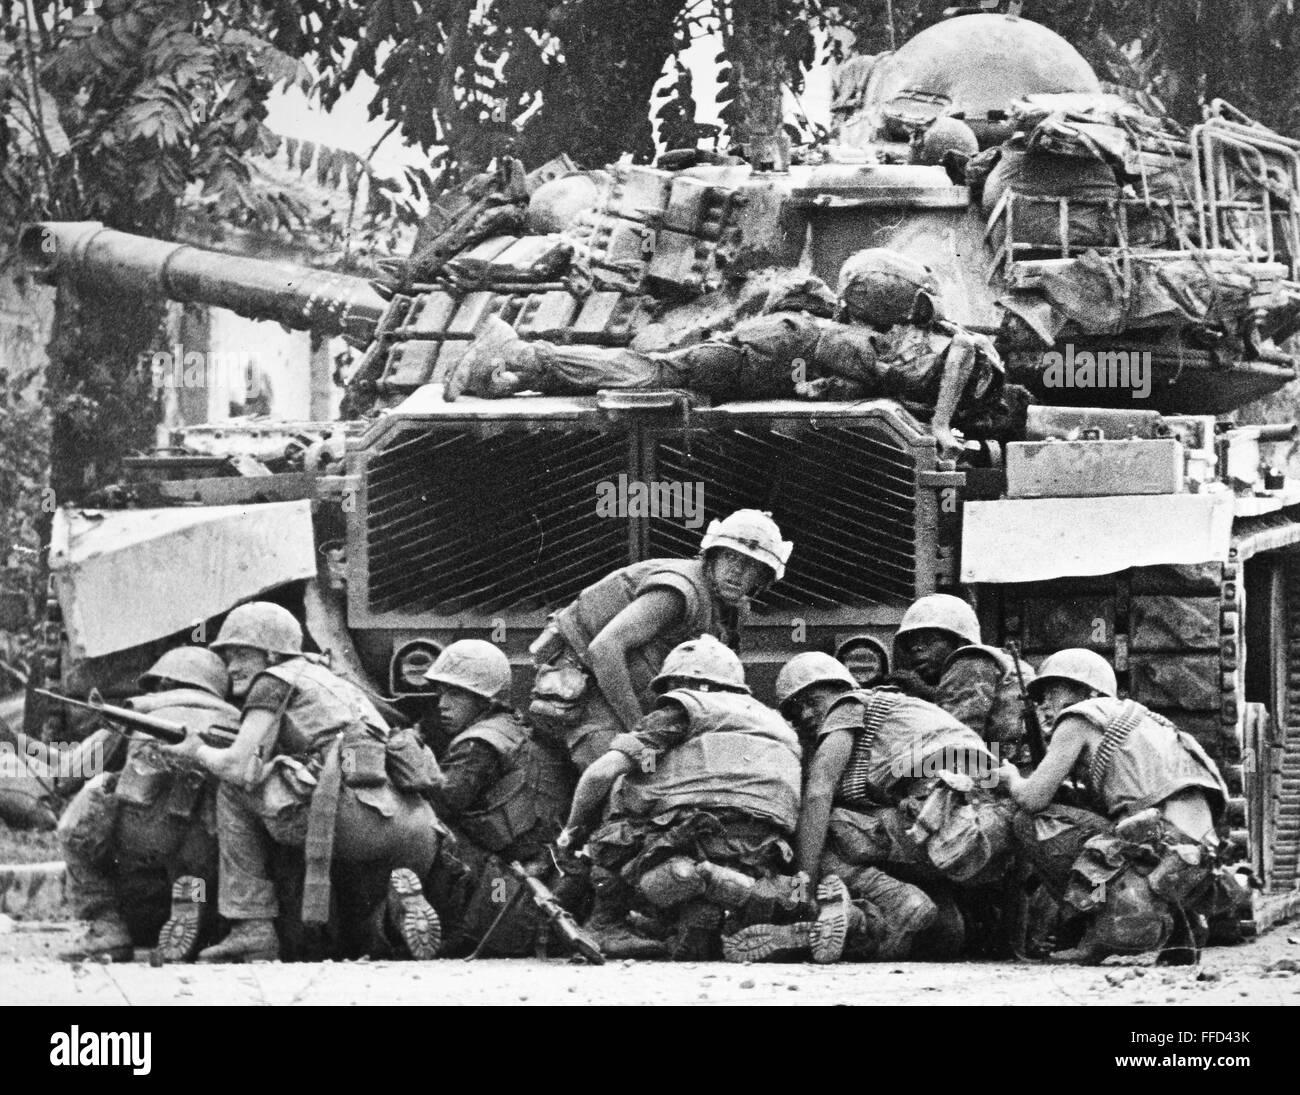 Vietnam War 1954-1975 Vietnam-war-tet-offensive-nus-marines-take-cover-from-sniper-fire-FFD43K